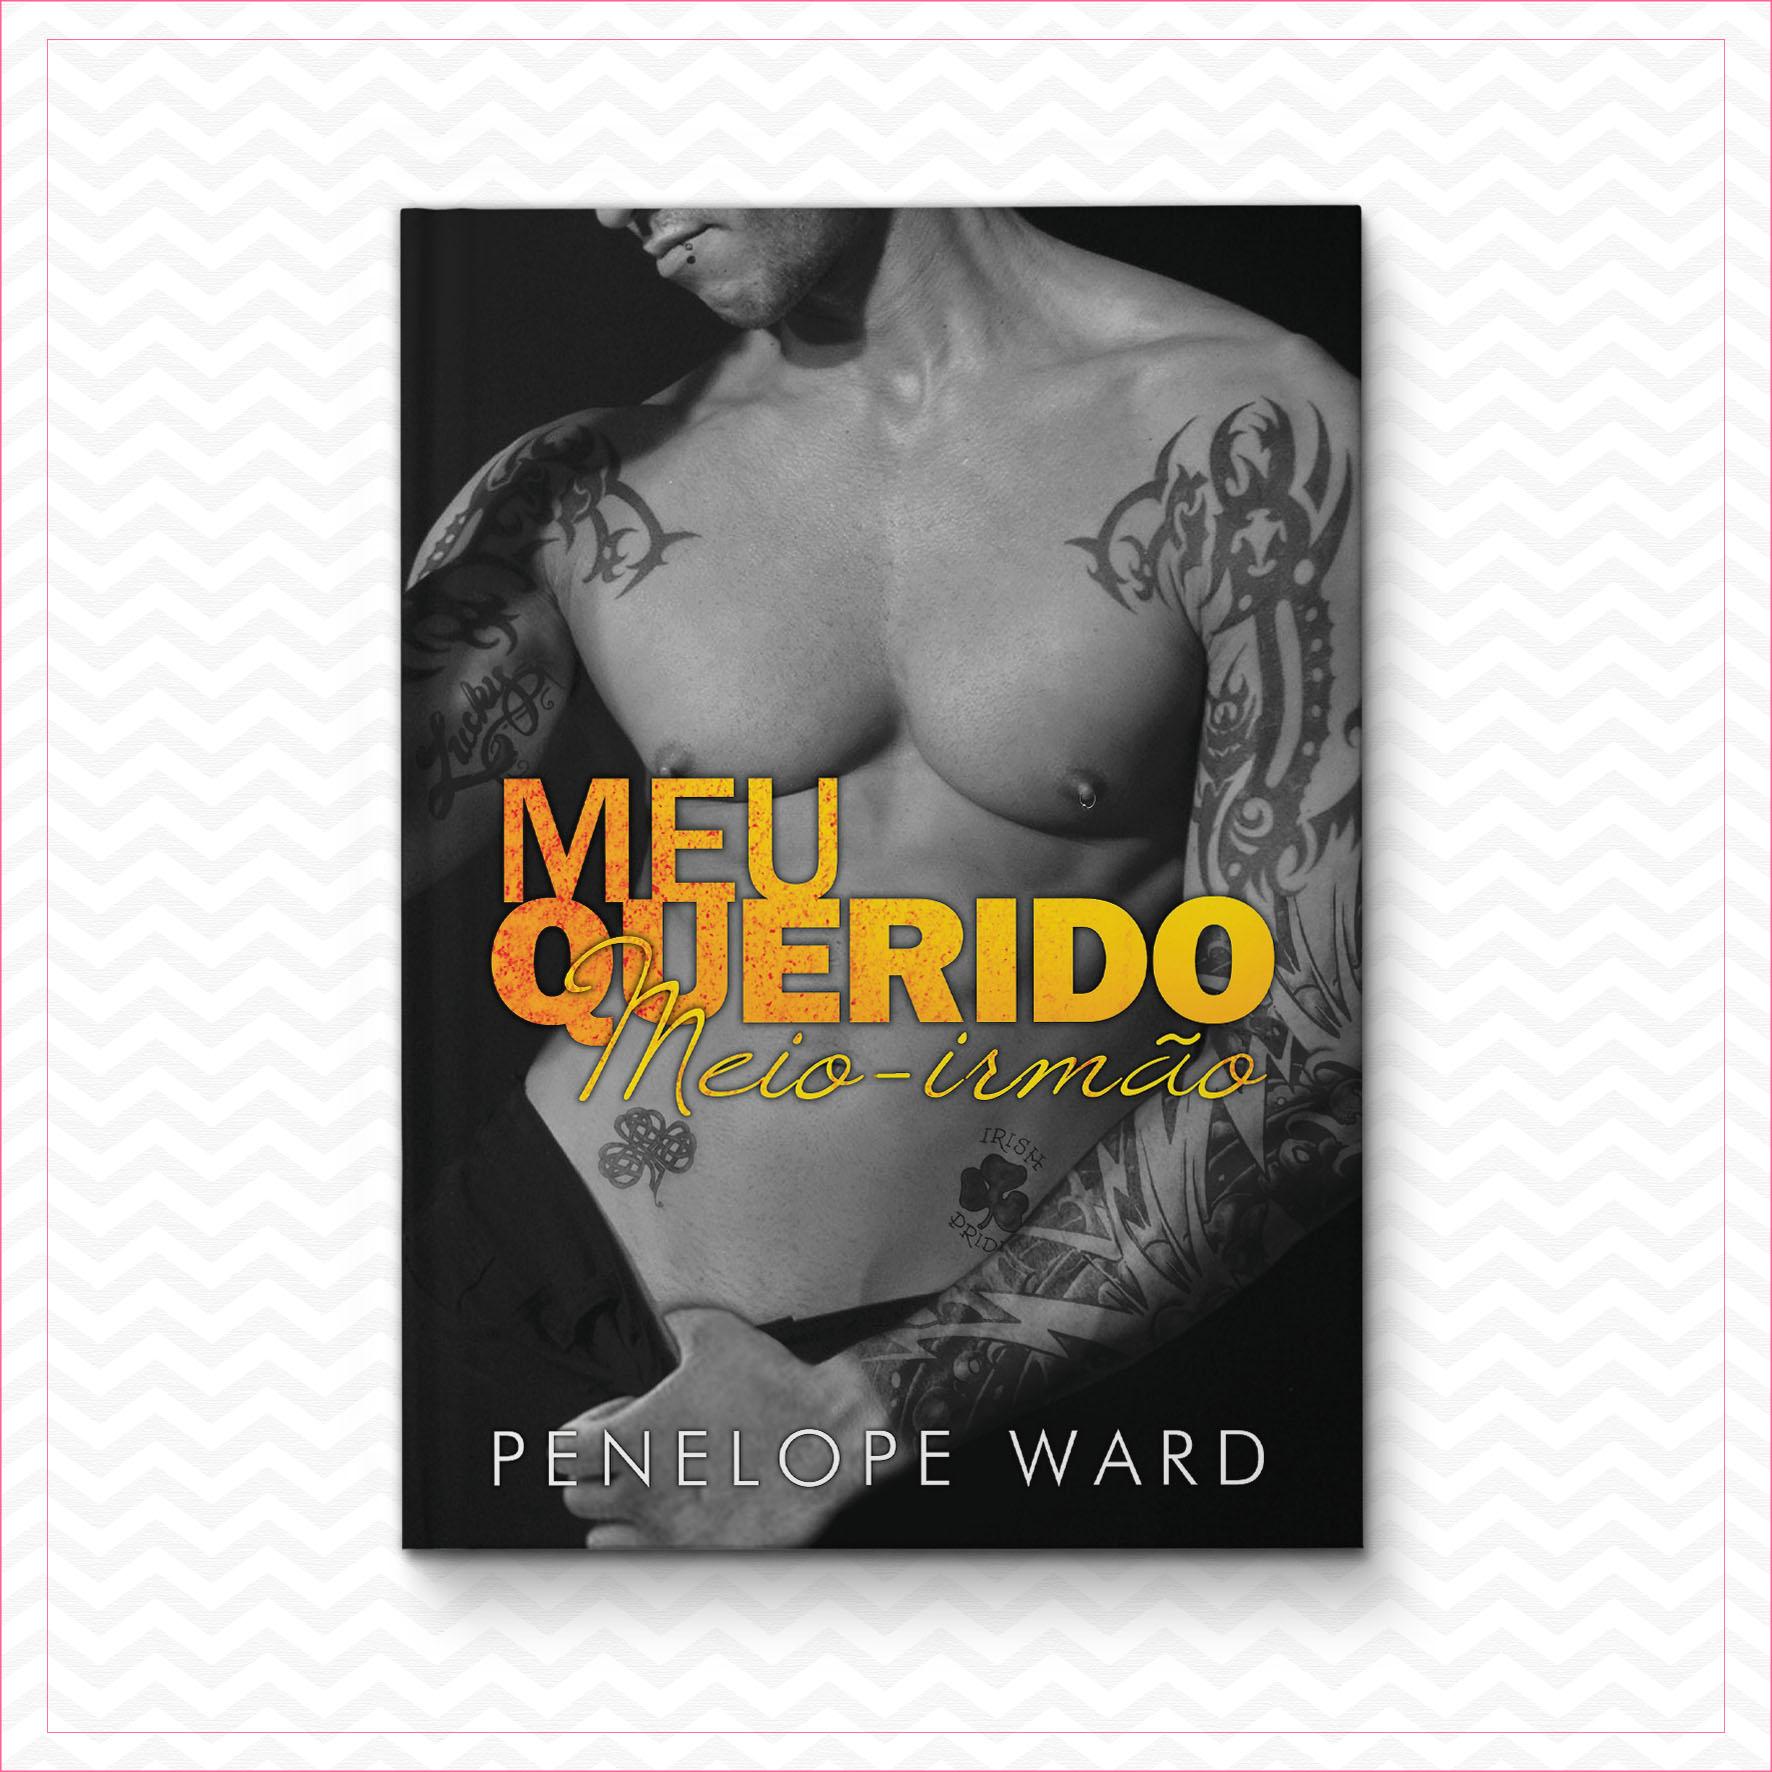 Meu querido meio irmão – Penelope Ward